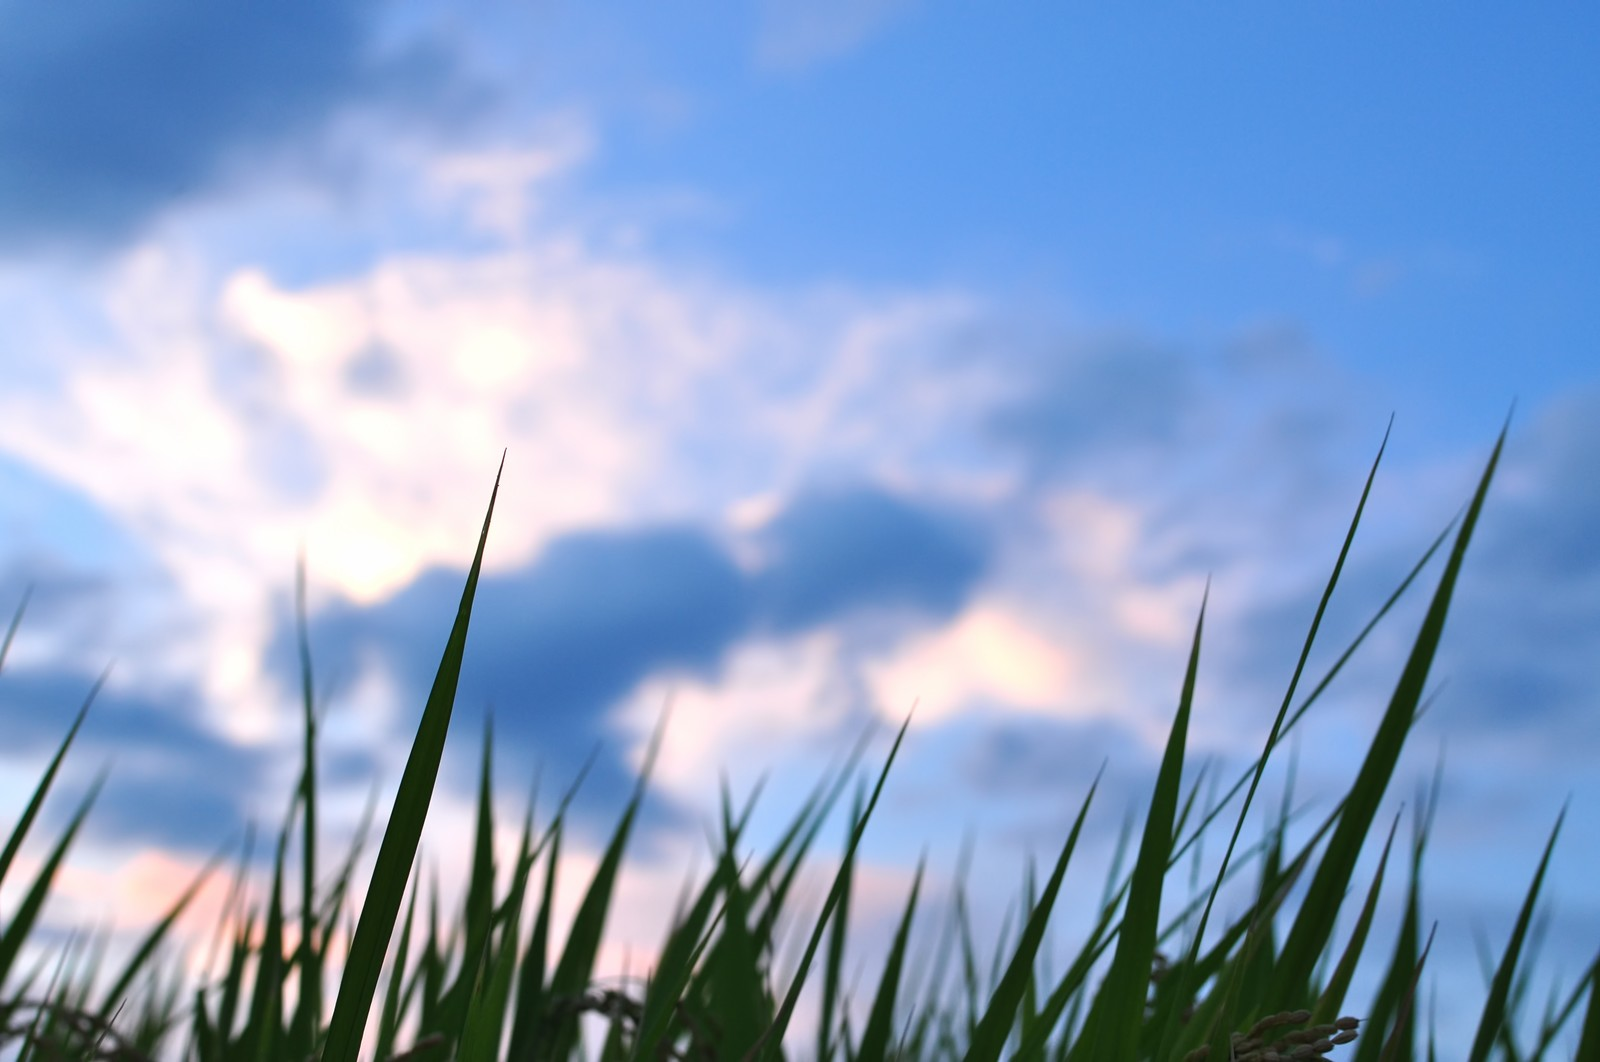 「夕暮れ時の稲穂夕暮れ時の稲穂」のフリー写真素材を拡大